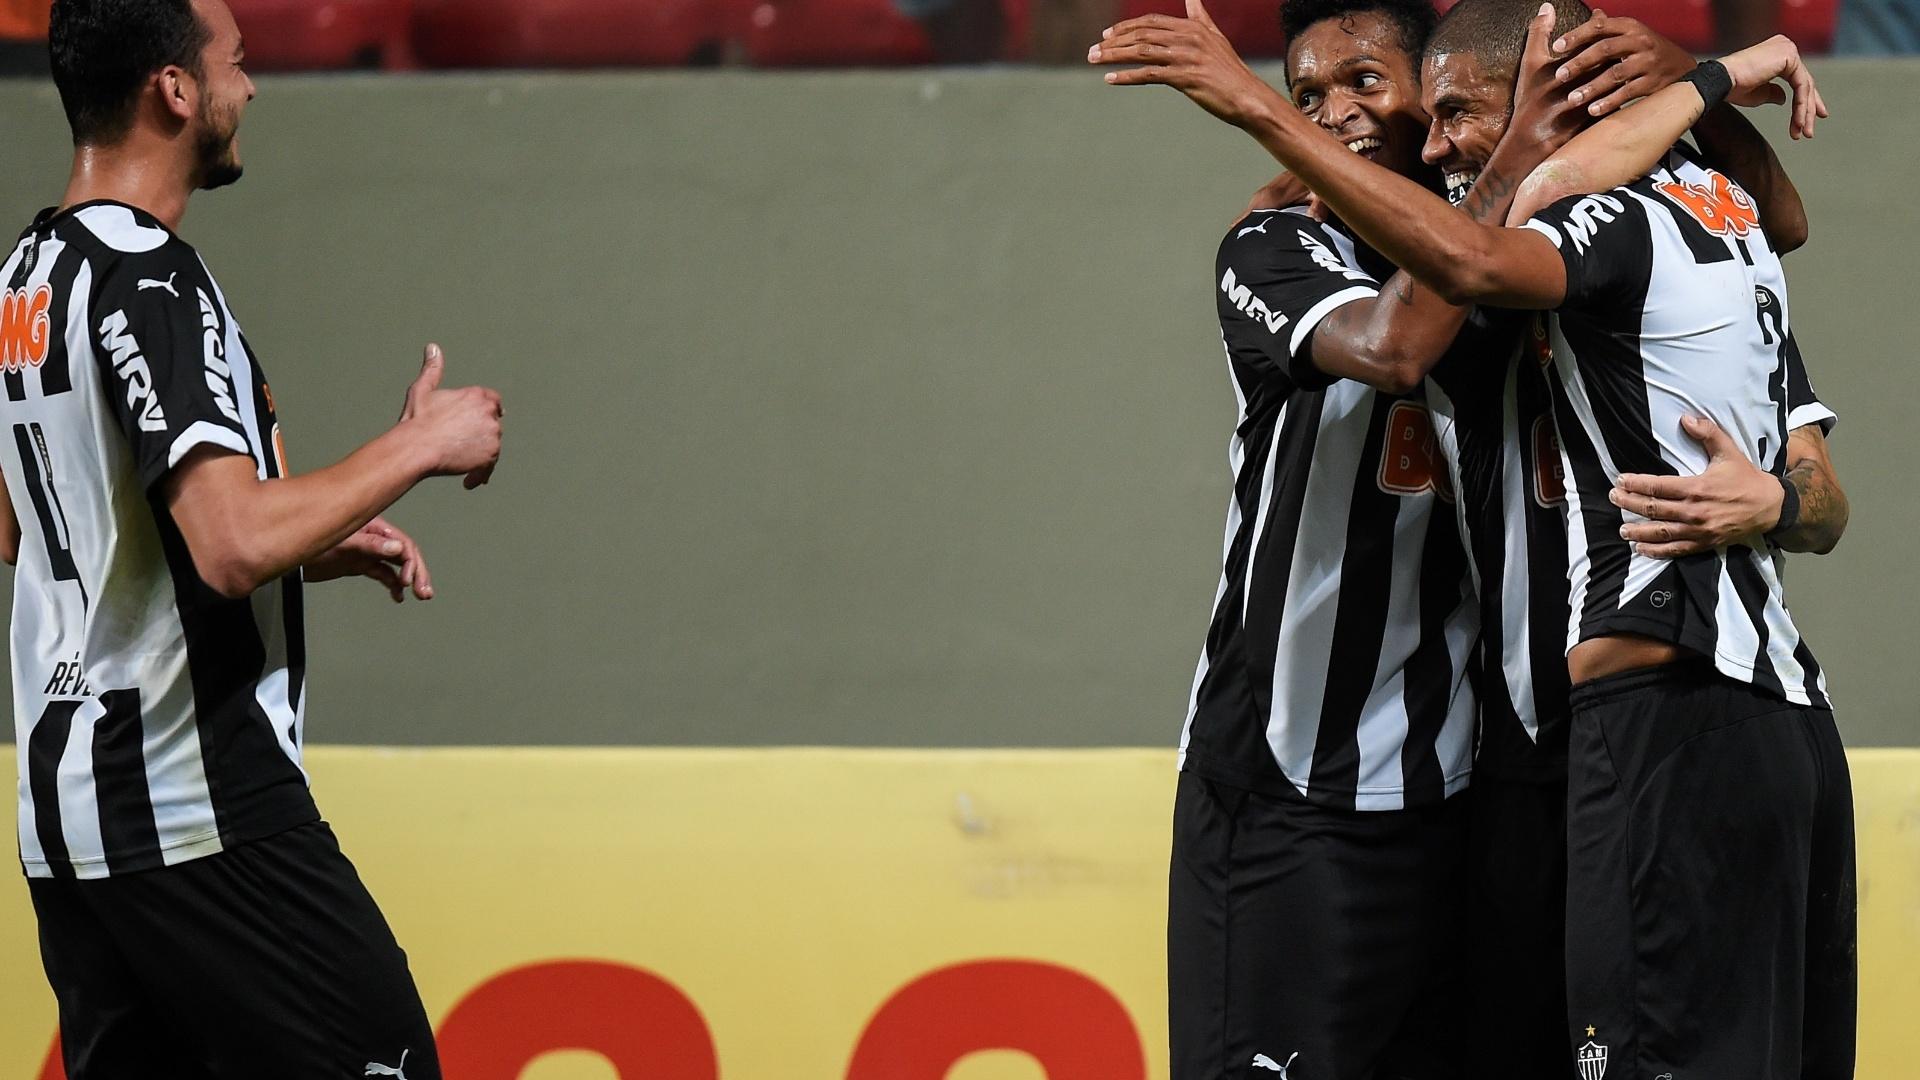 Jogadores do Atlético-MG comemoram gol contra o Atlético-PR pelo Brasileirão